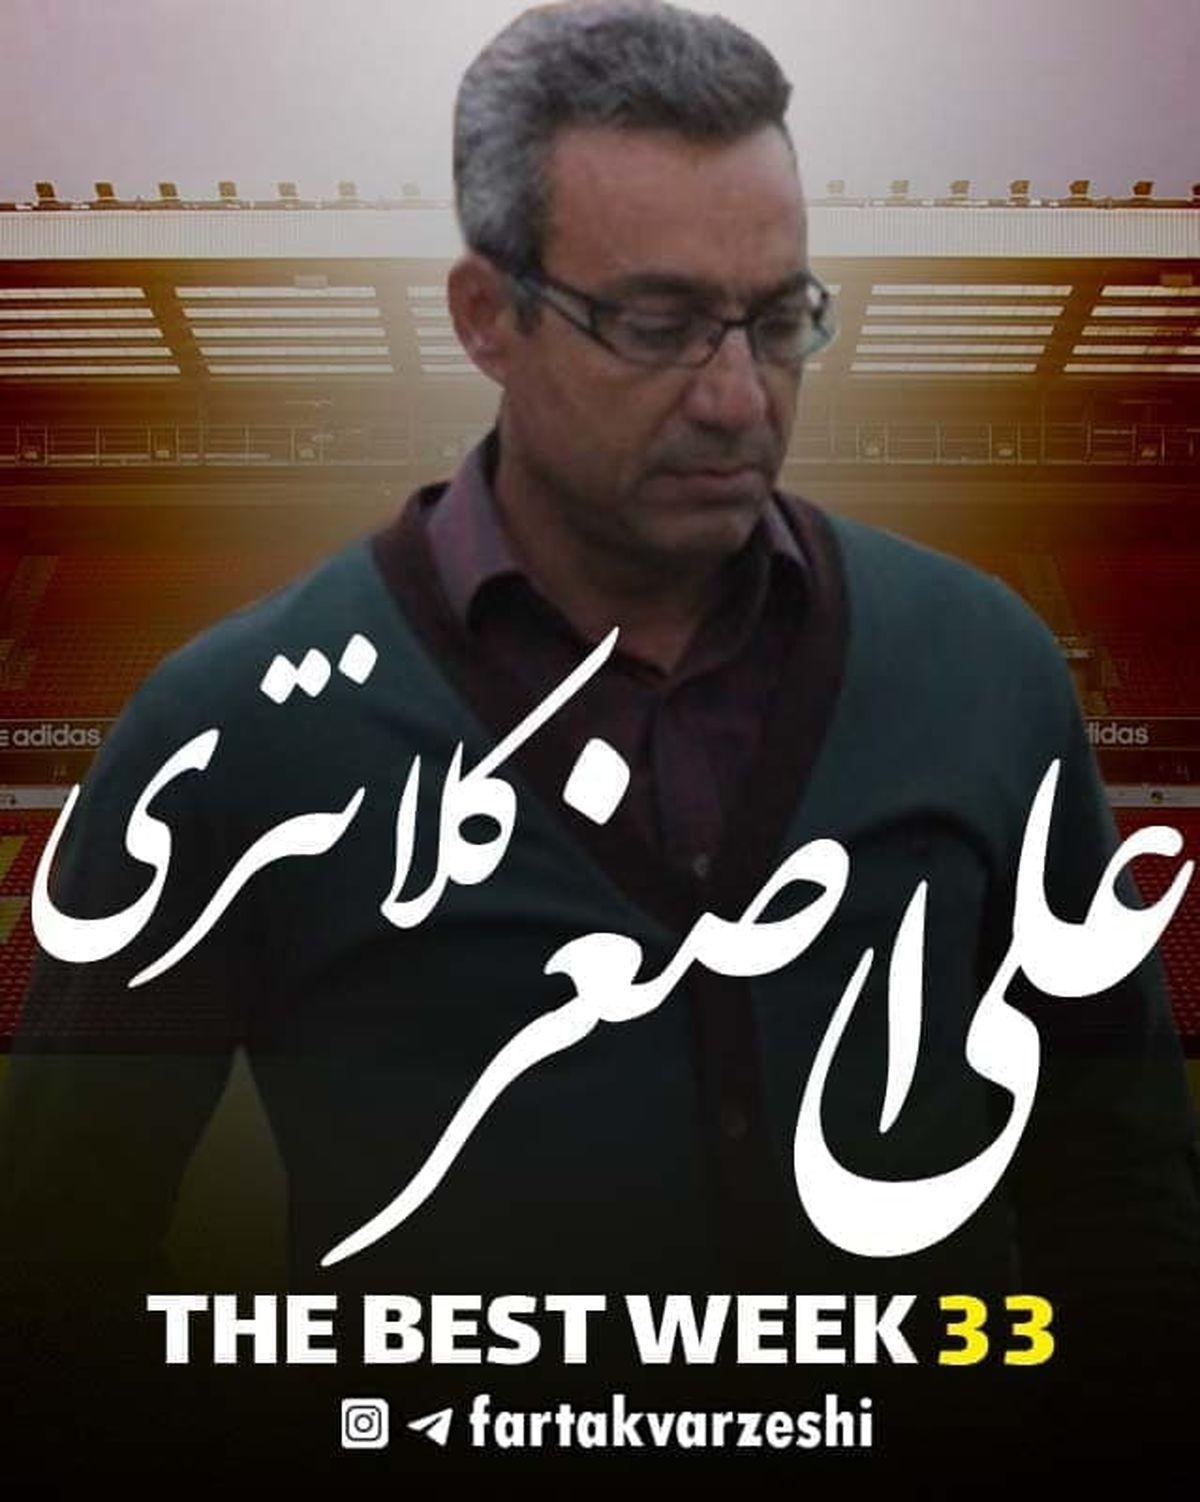 بهترین مربی هفته سی و سوم لیگ دسته یک مشخص شد+پوستر